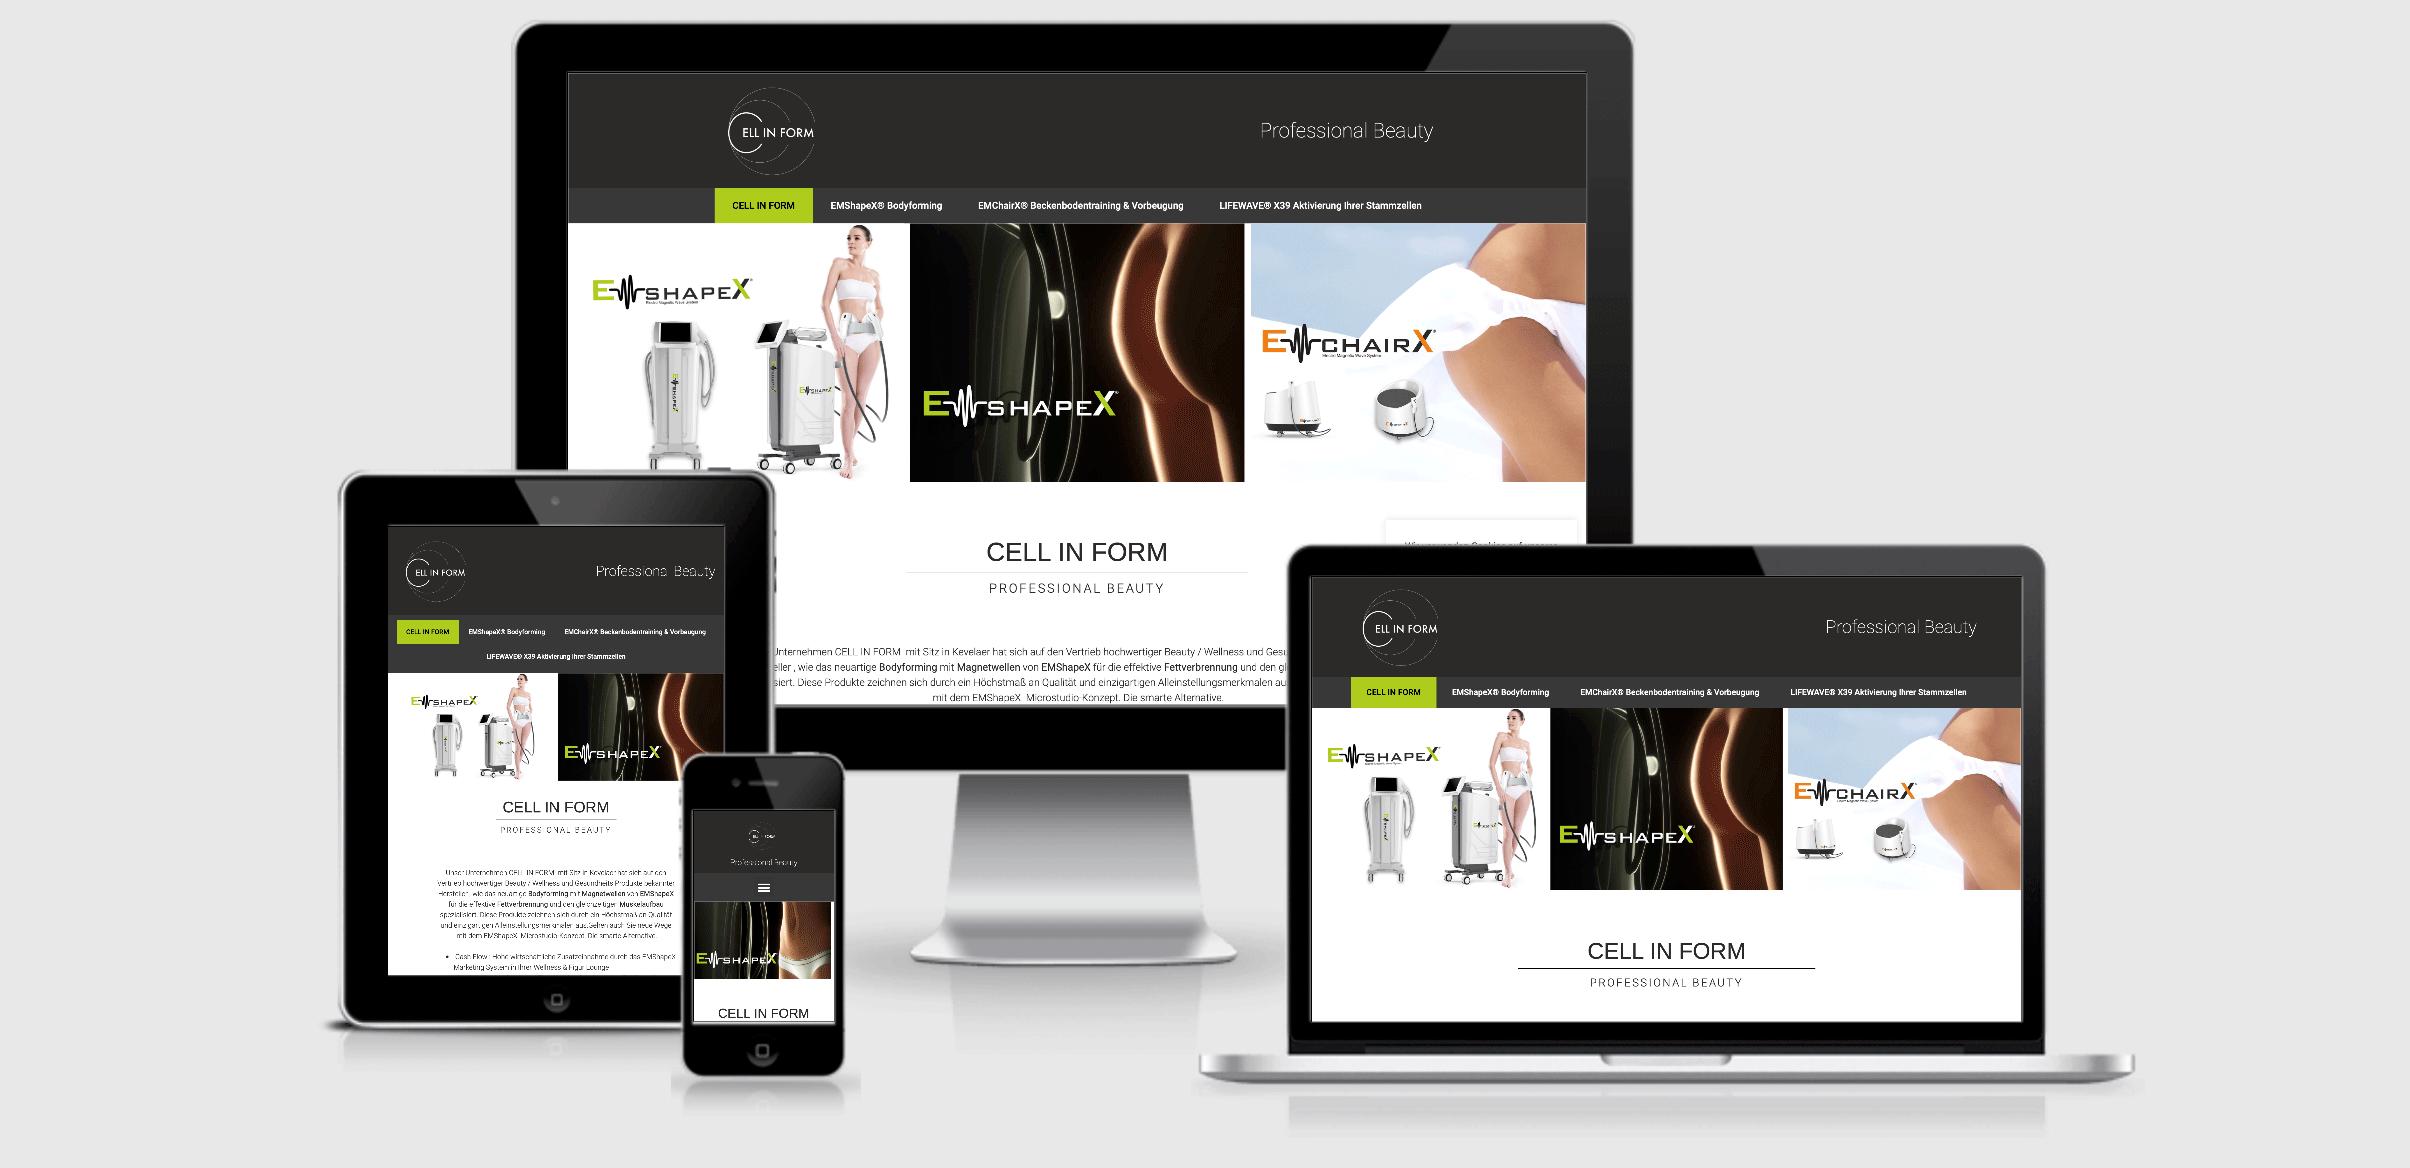 Cellinform-Mockup